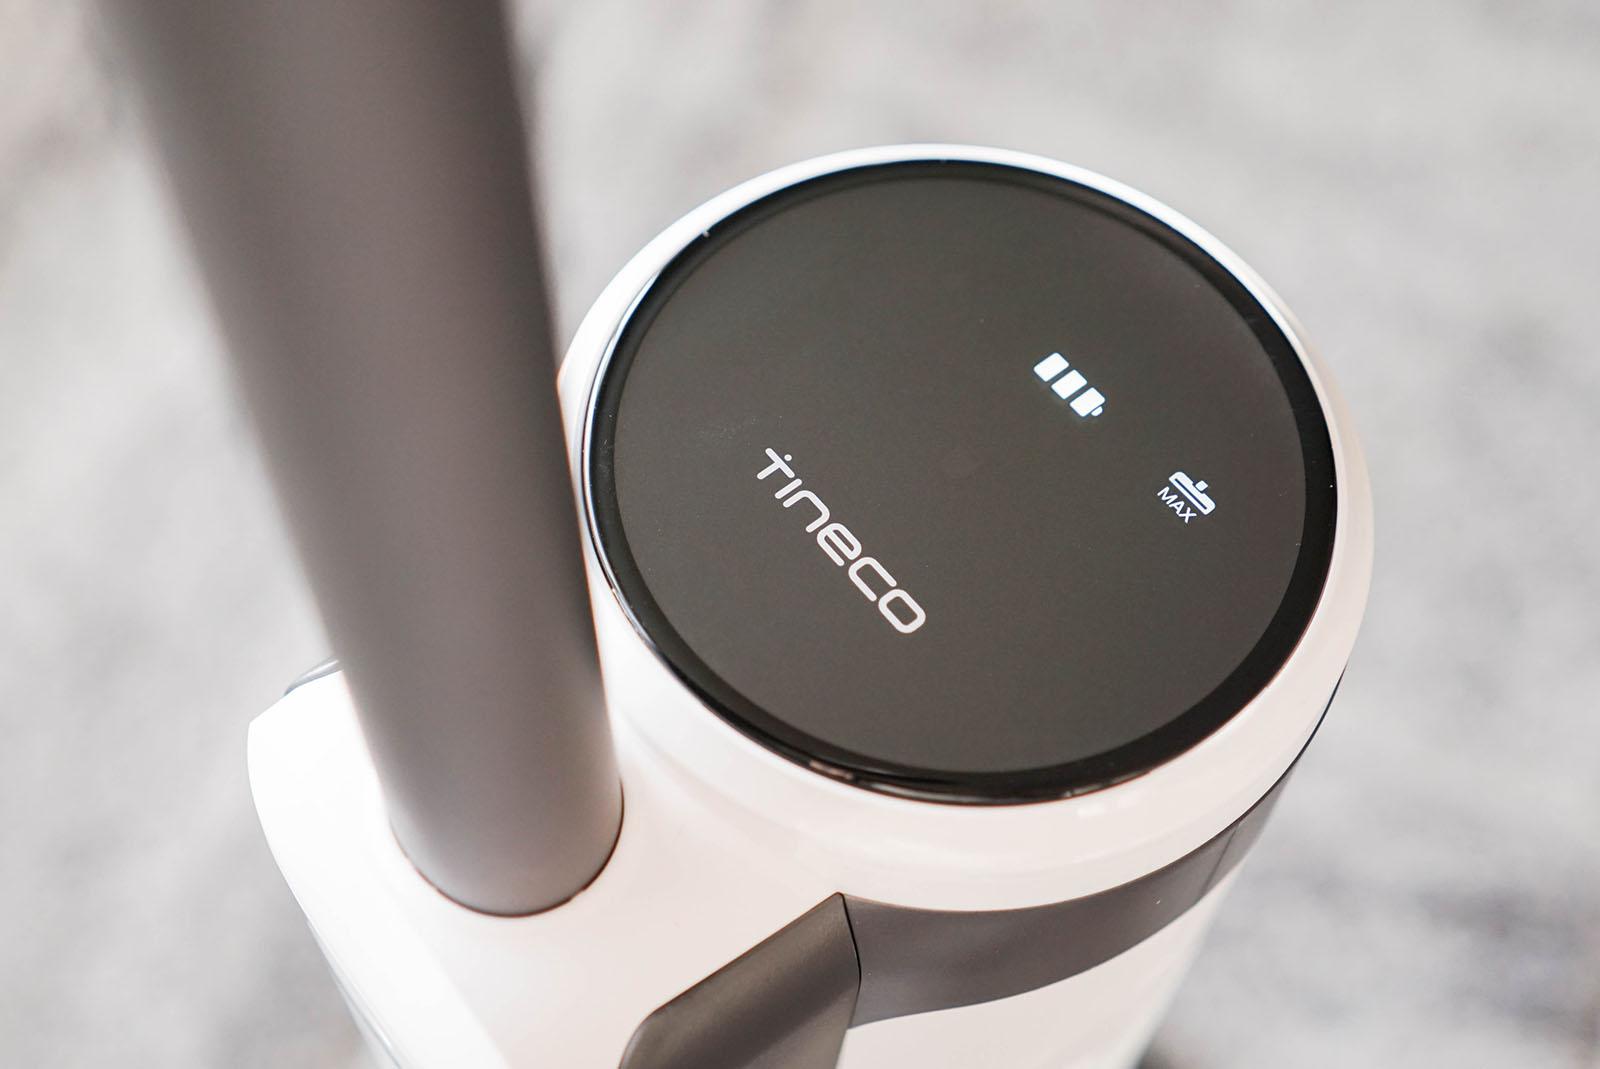 Tineco iFloor 3 Wet-Dry Upright Vacuum display